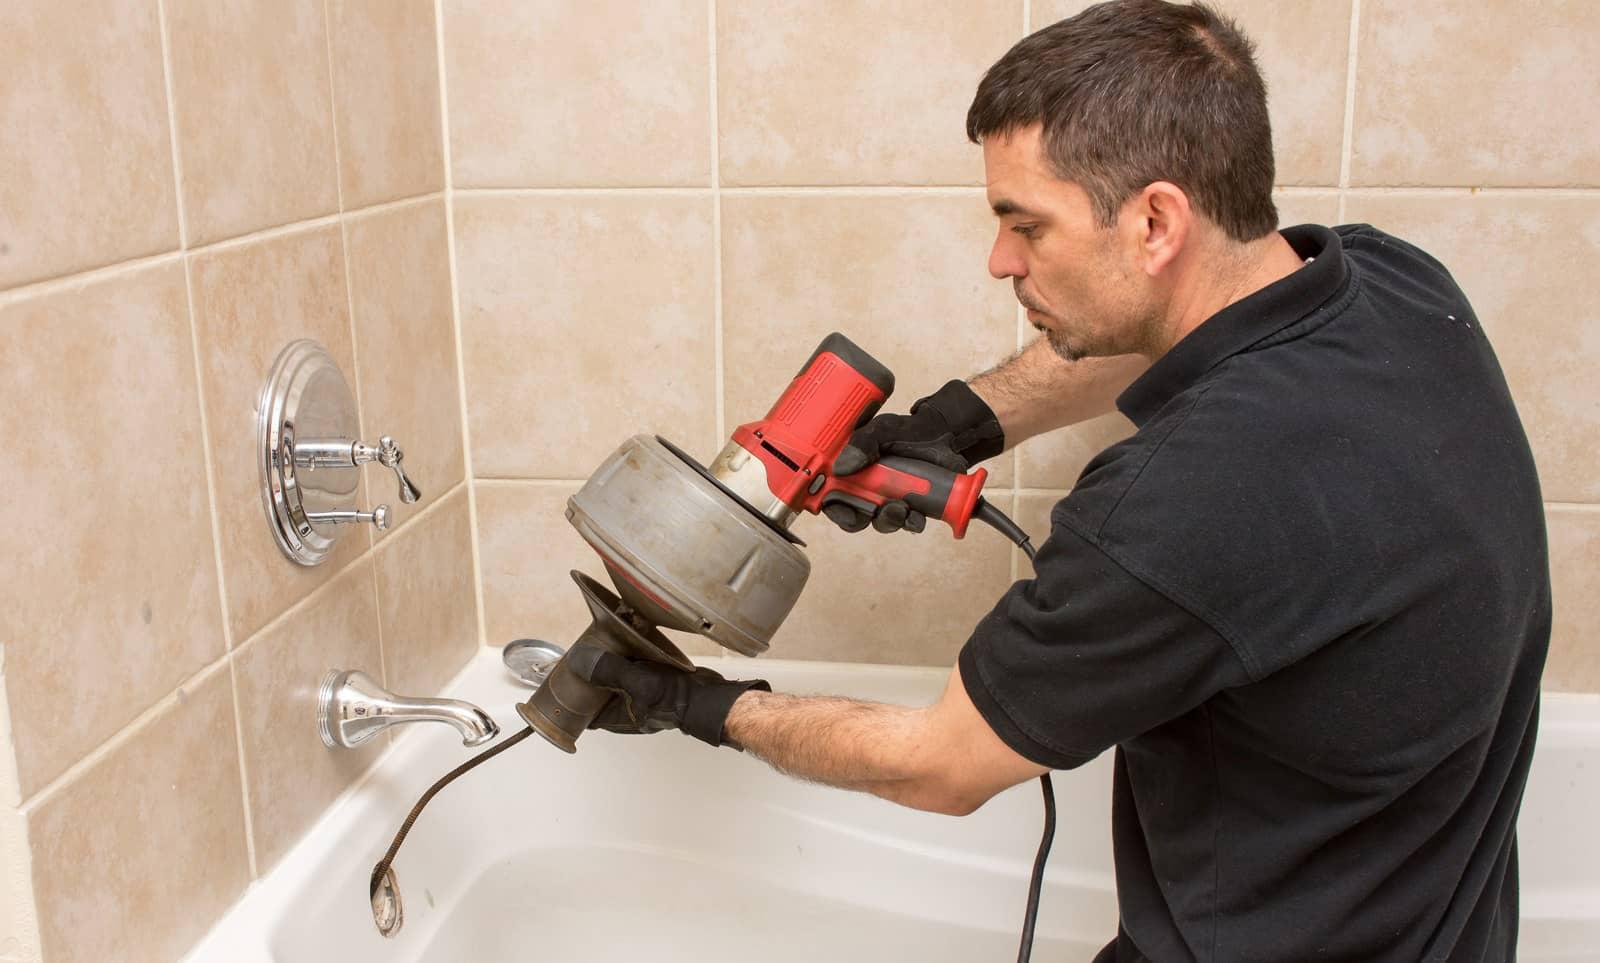 Как провести прочистку канализационных труб в домашних условиях